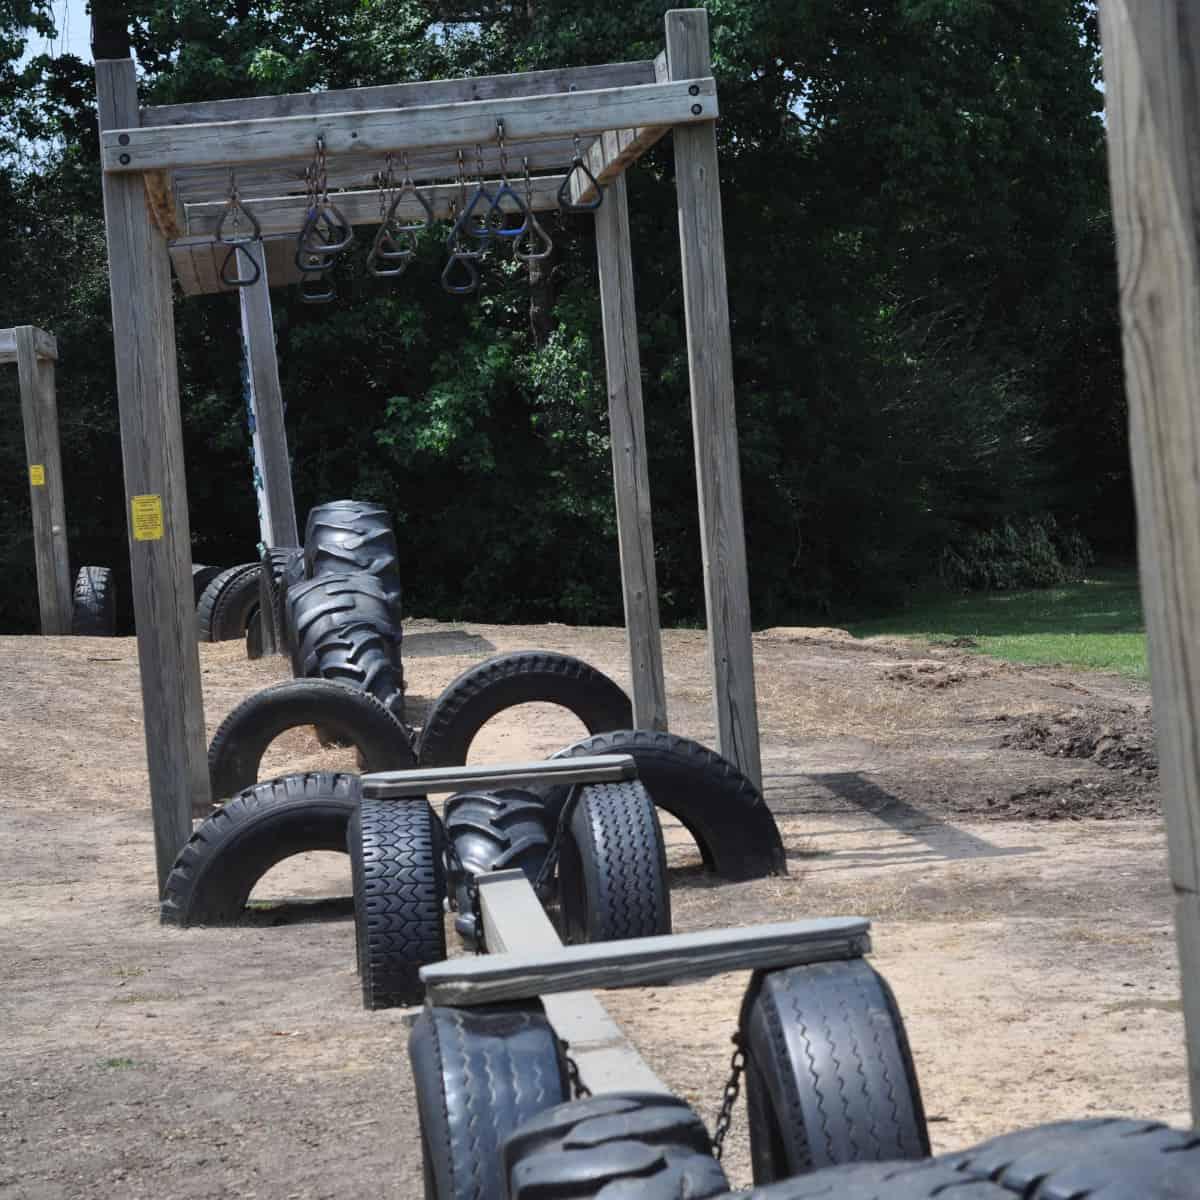 Jerry Matheson Park Tire Course